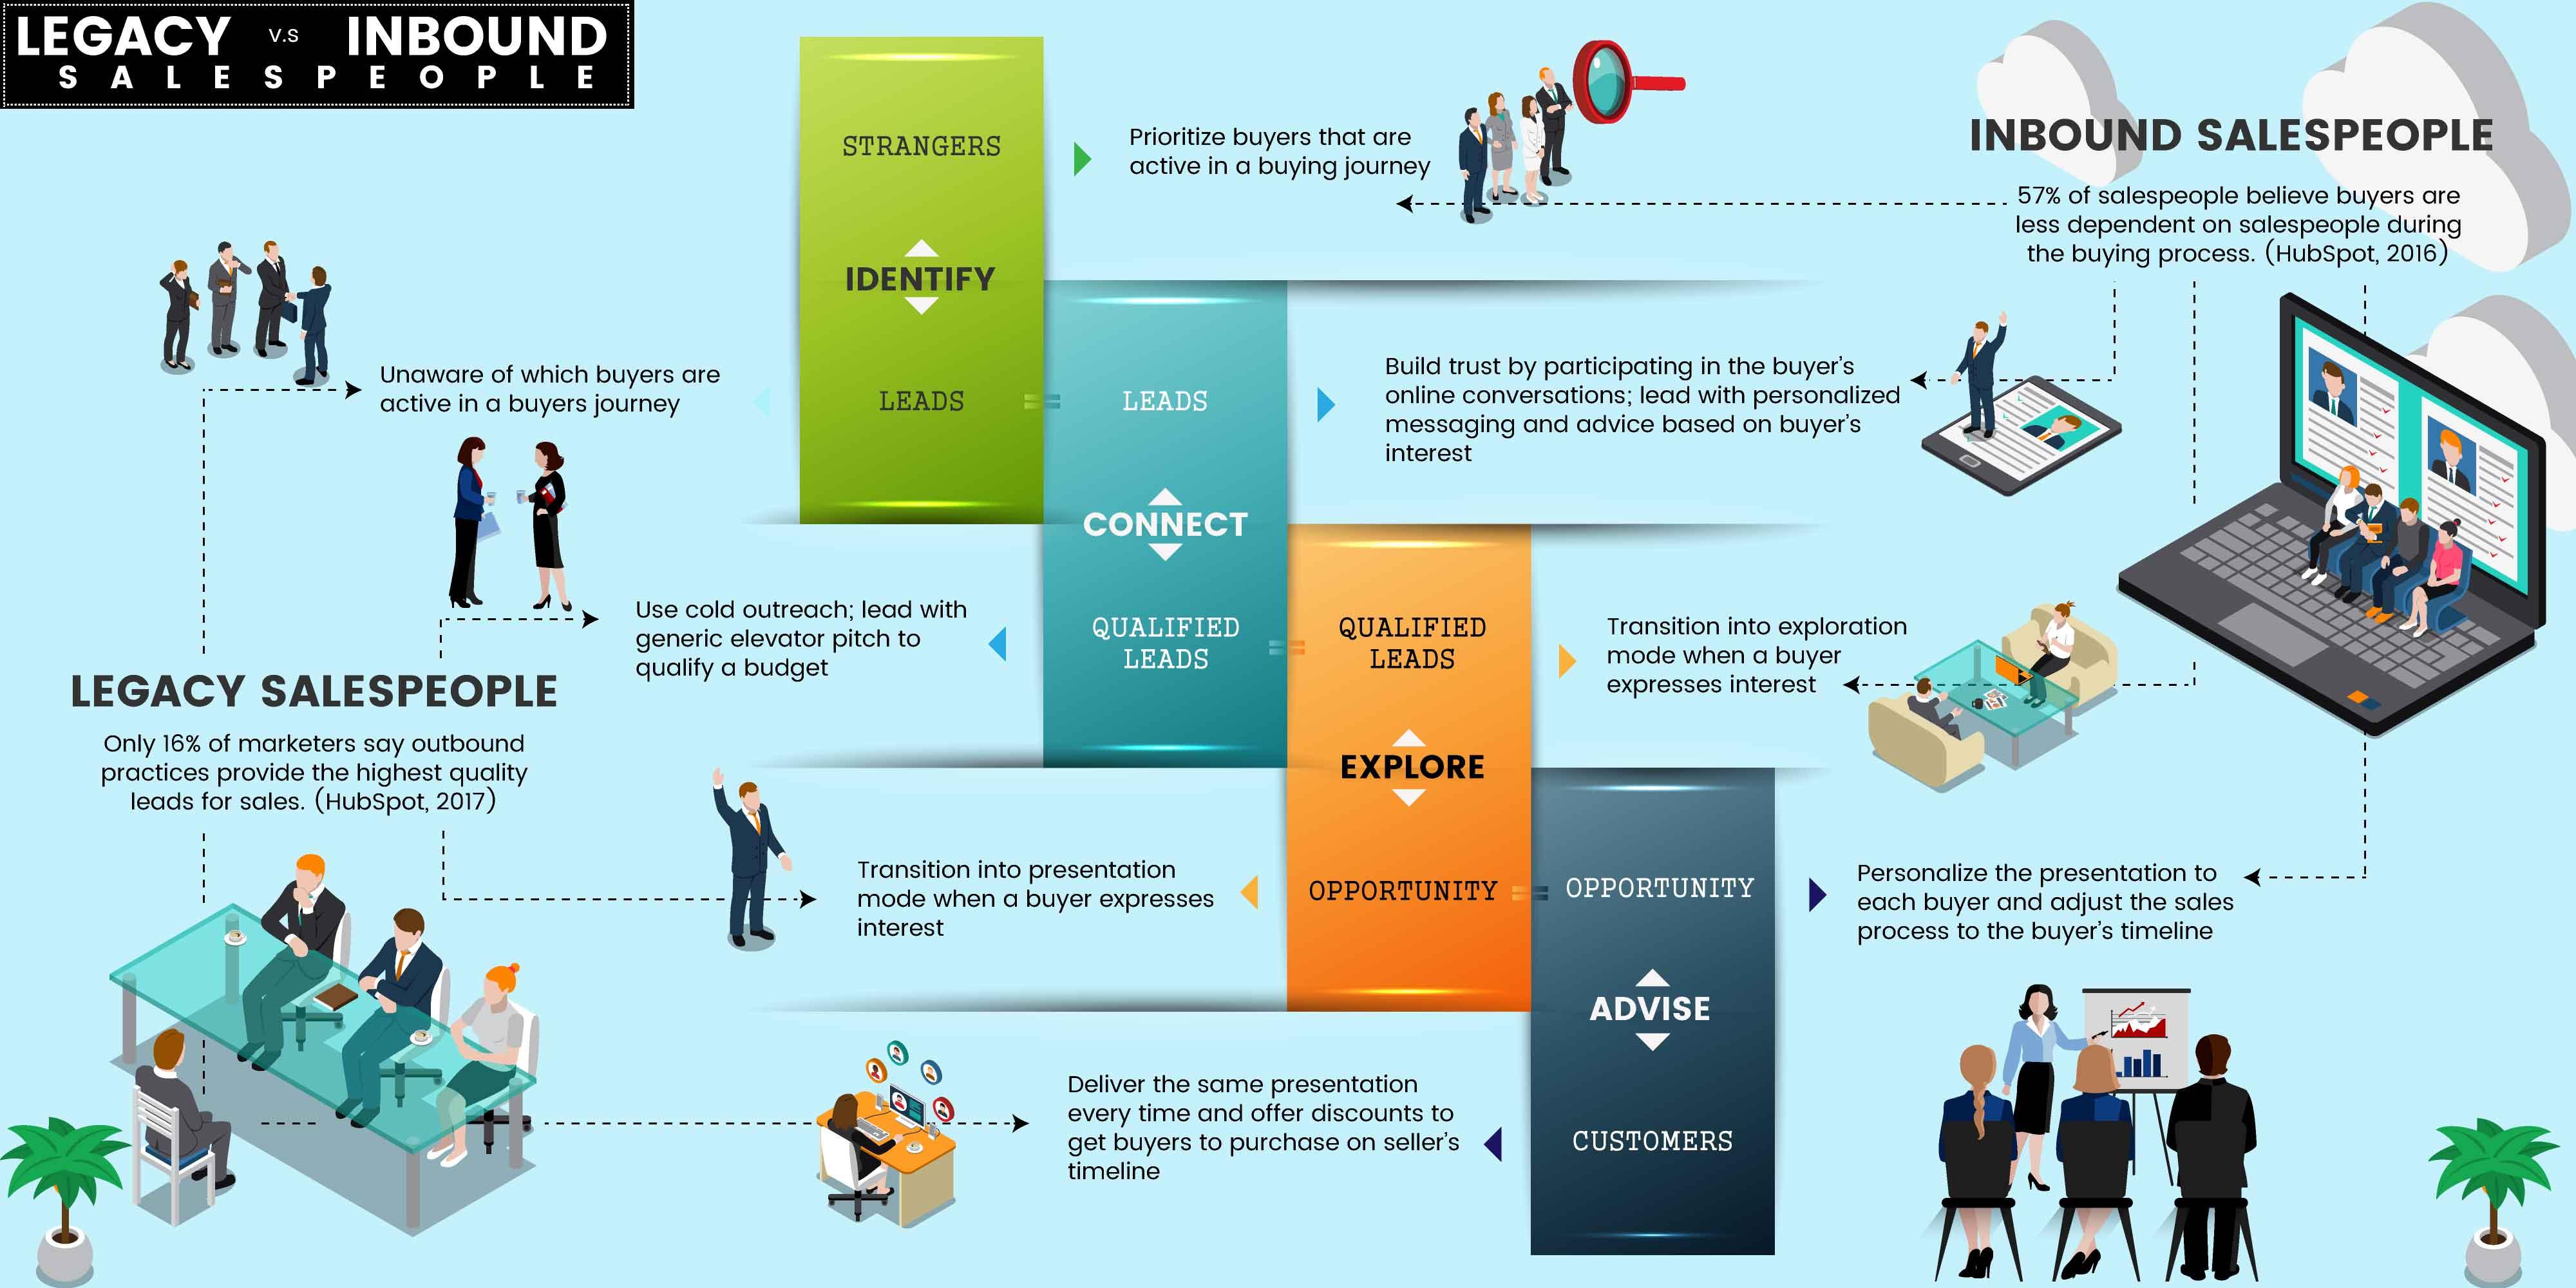 Salesperson-legacy vs inbound.jpg